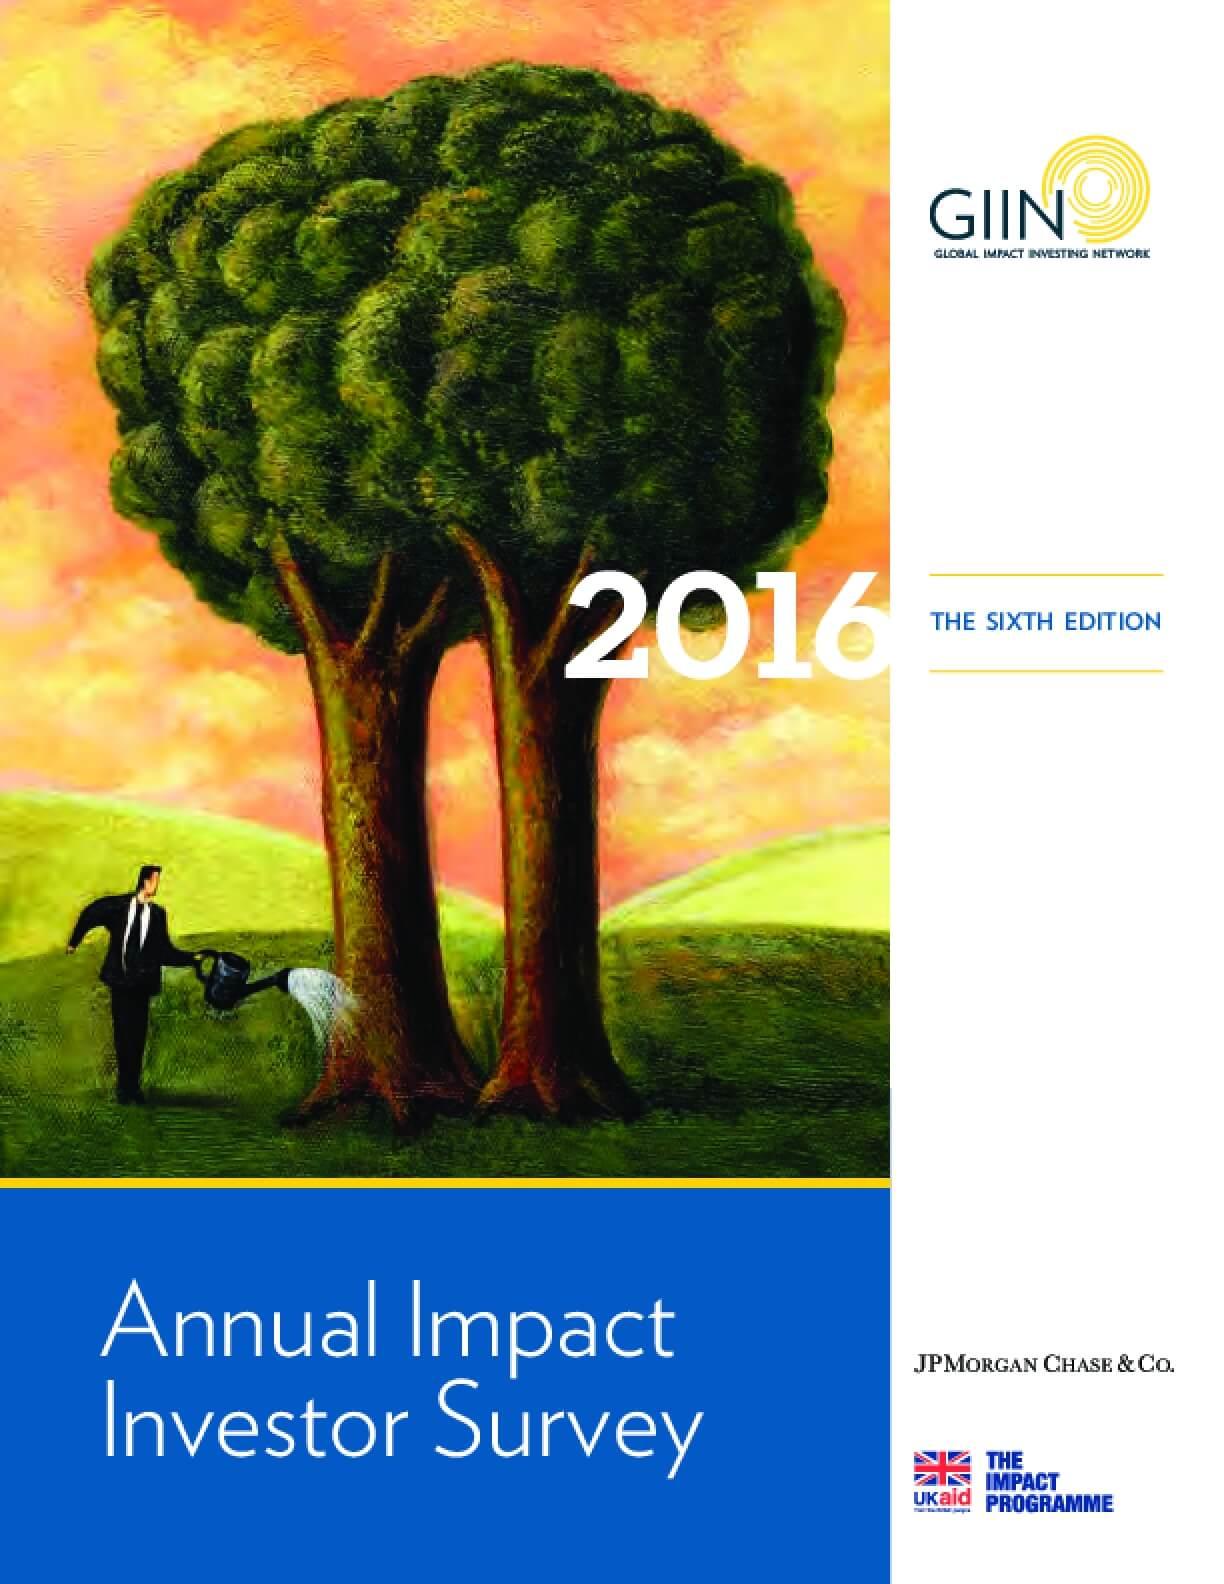 Annual Impact Investor Survey 2016